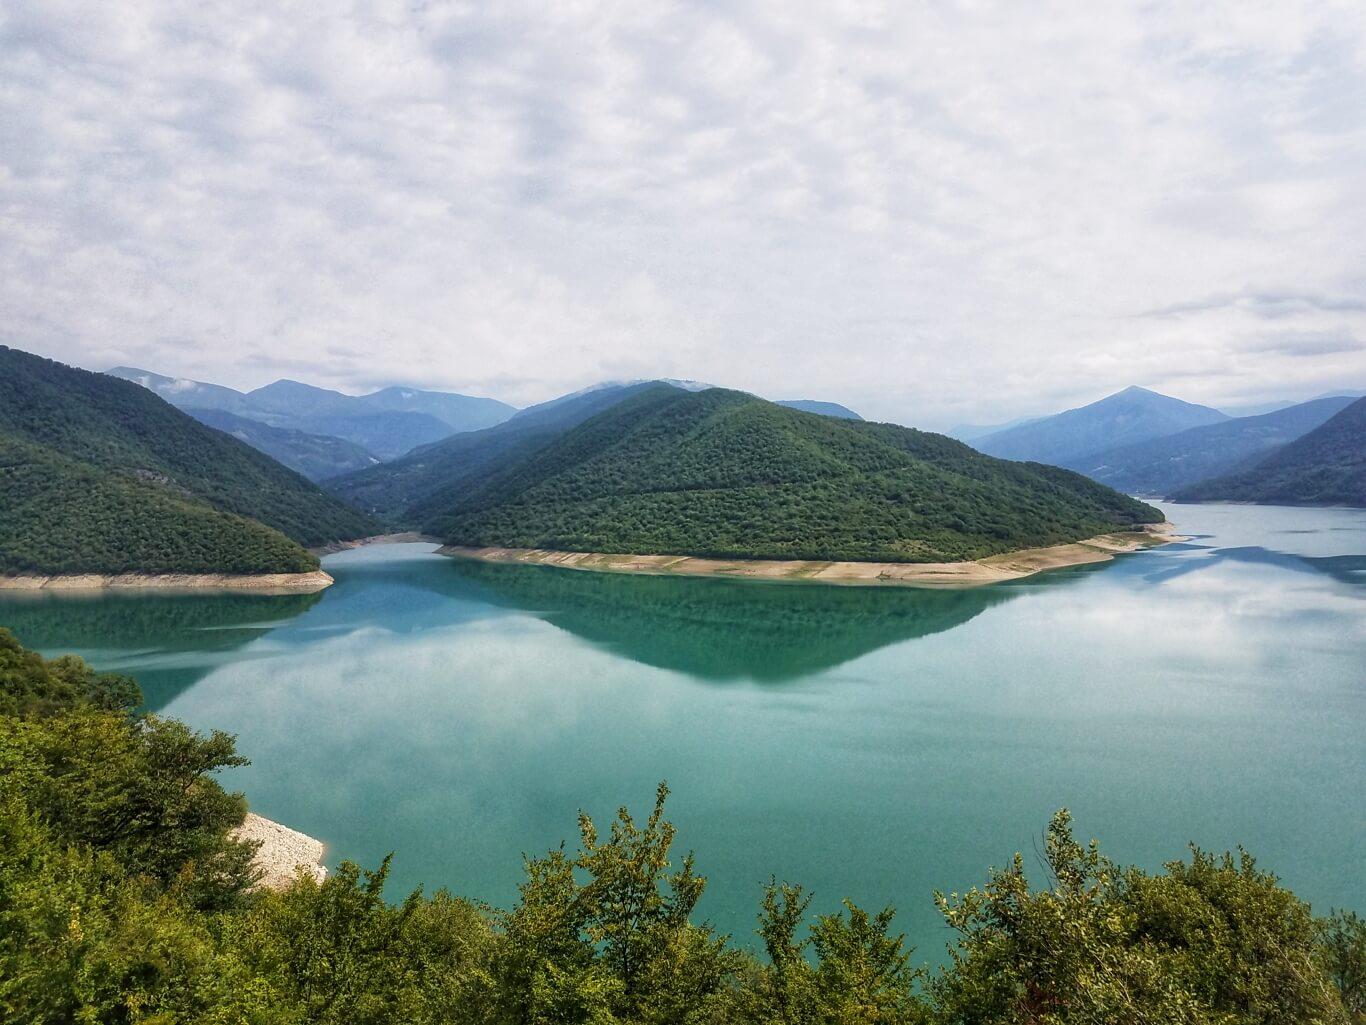 lake in Georgia